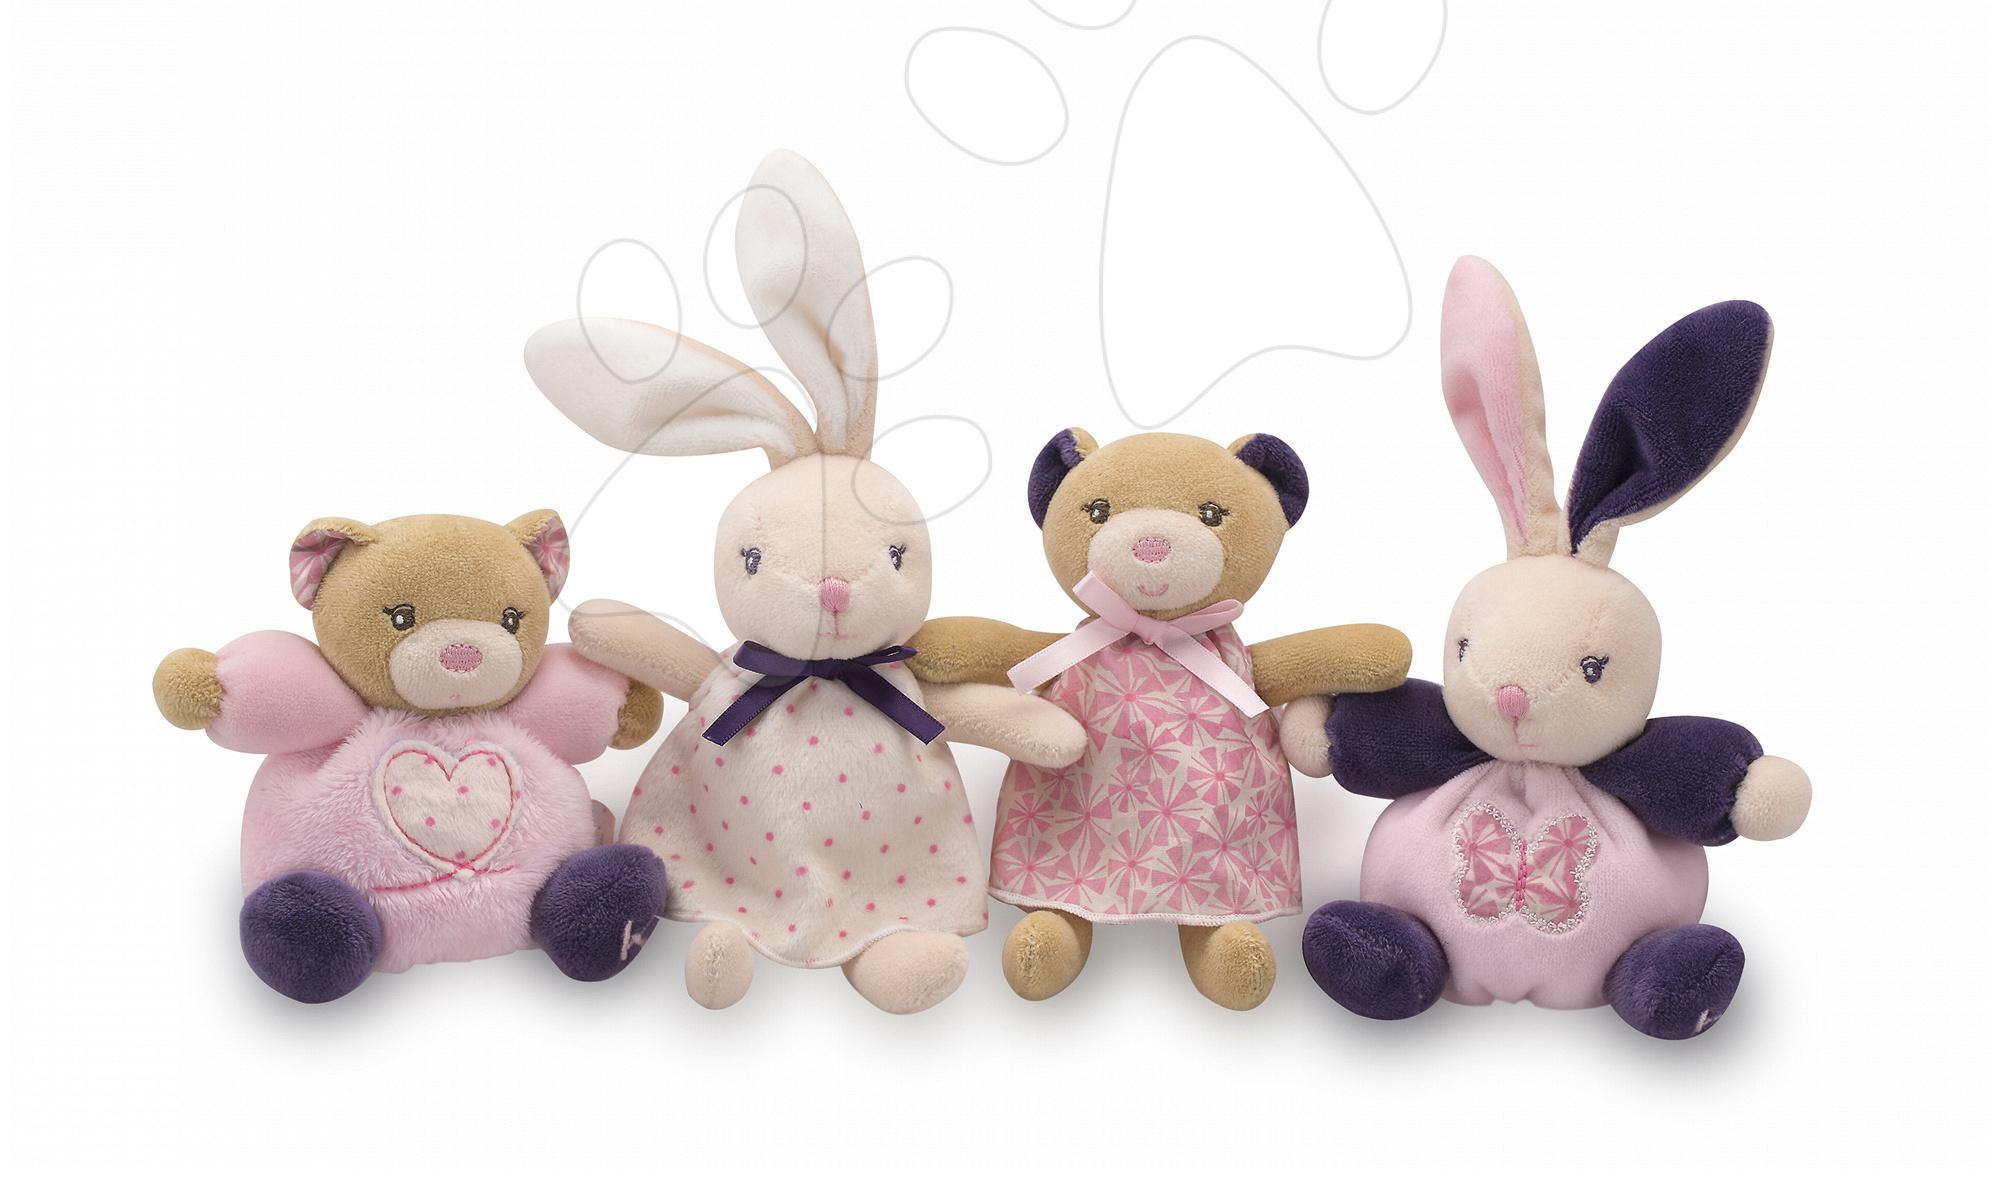 Iepuraş şi ursuleţ din pluş Petite Rose Kaloo 12 cm din pluş moale fin în ambalaj de cadou